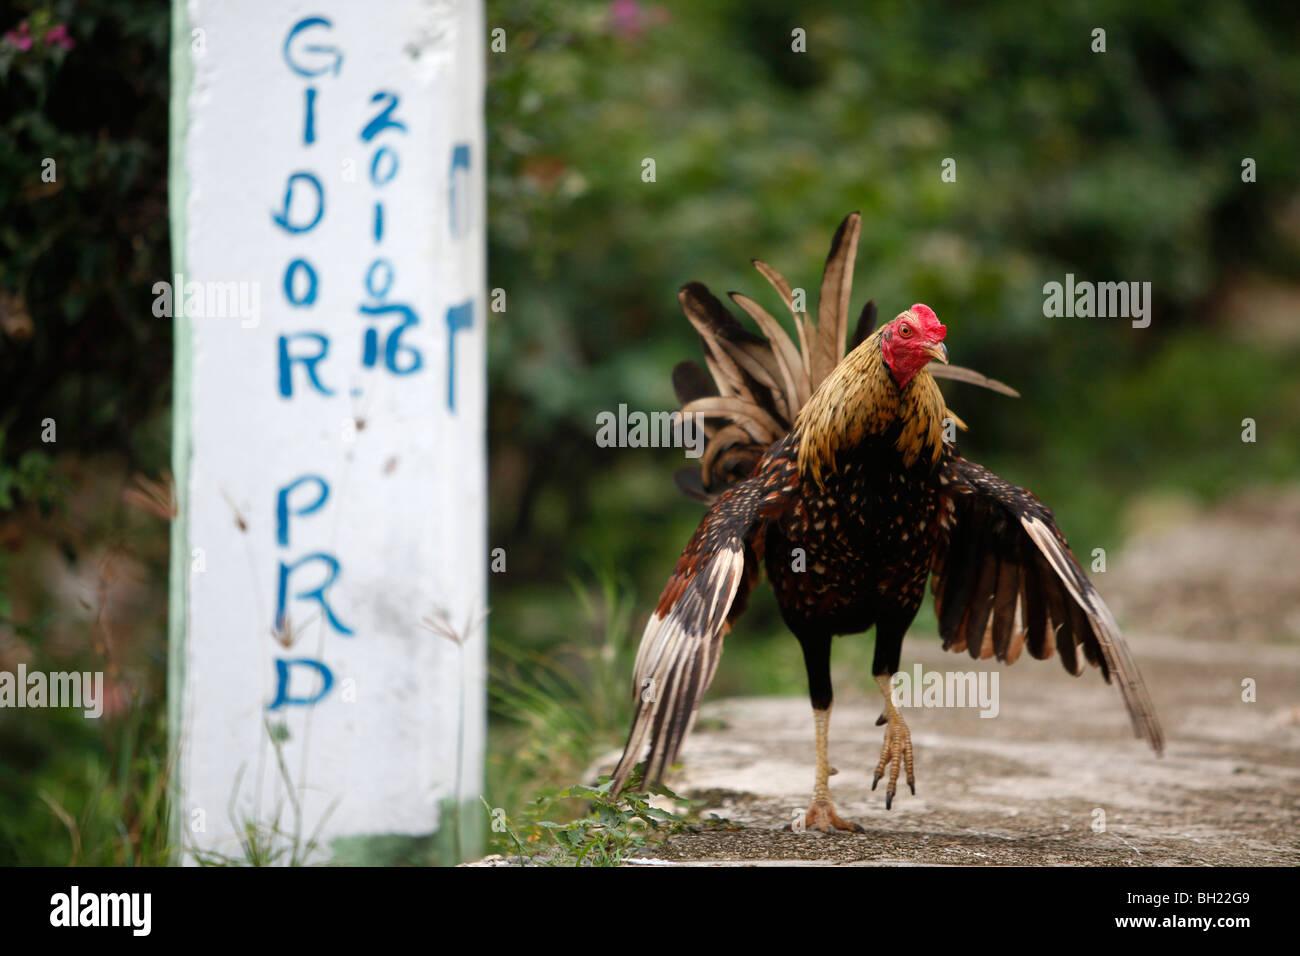 Der große dominanische Hahn